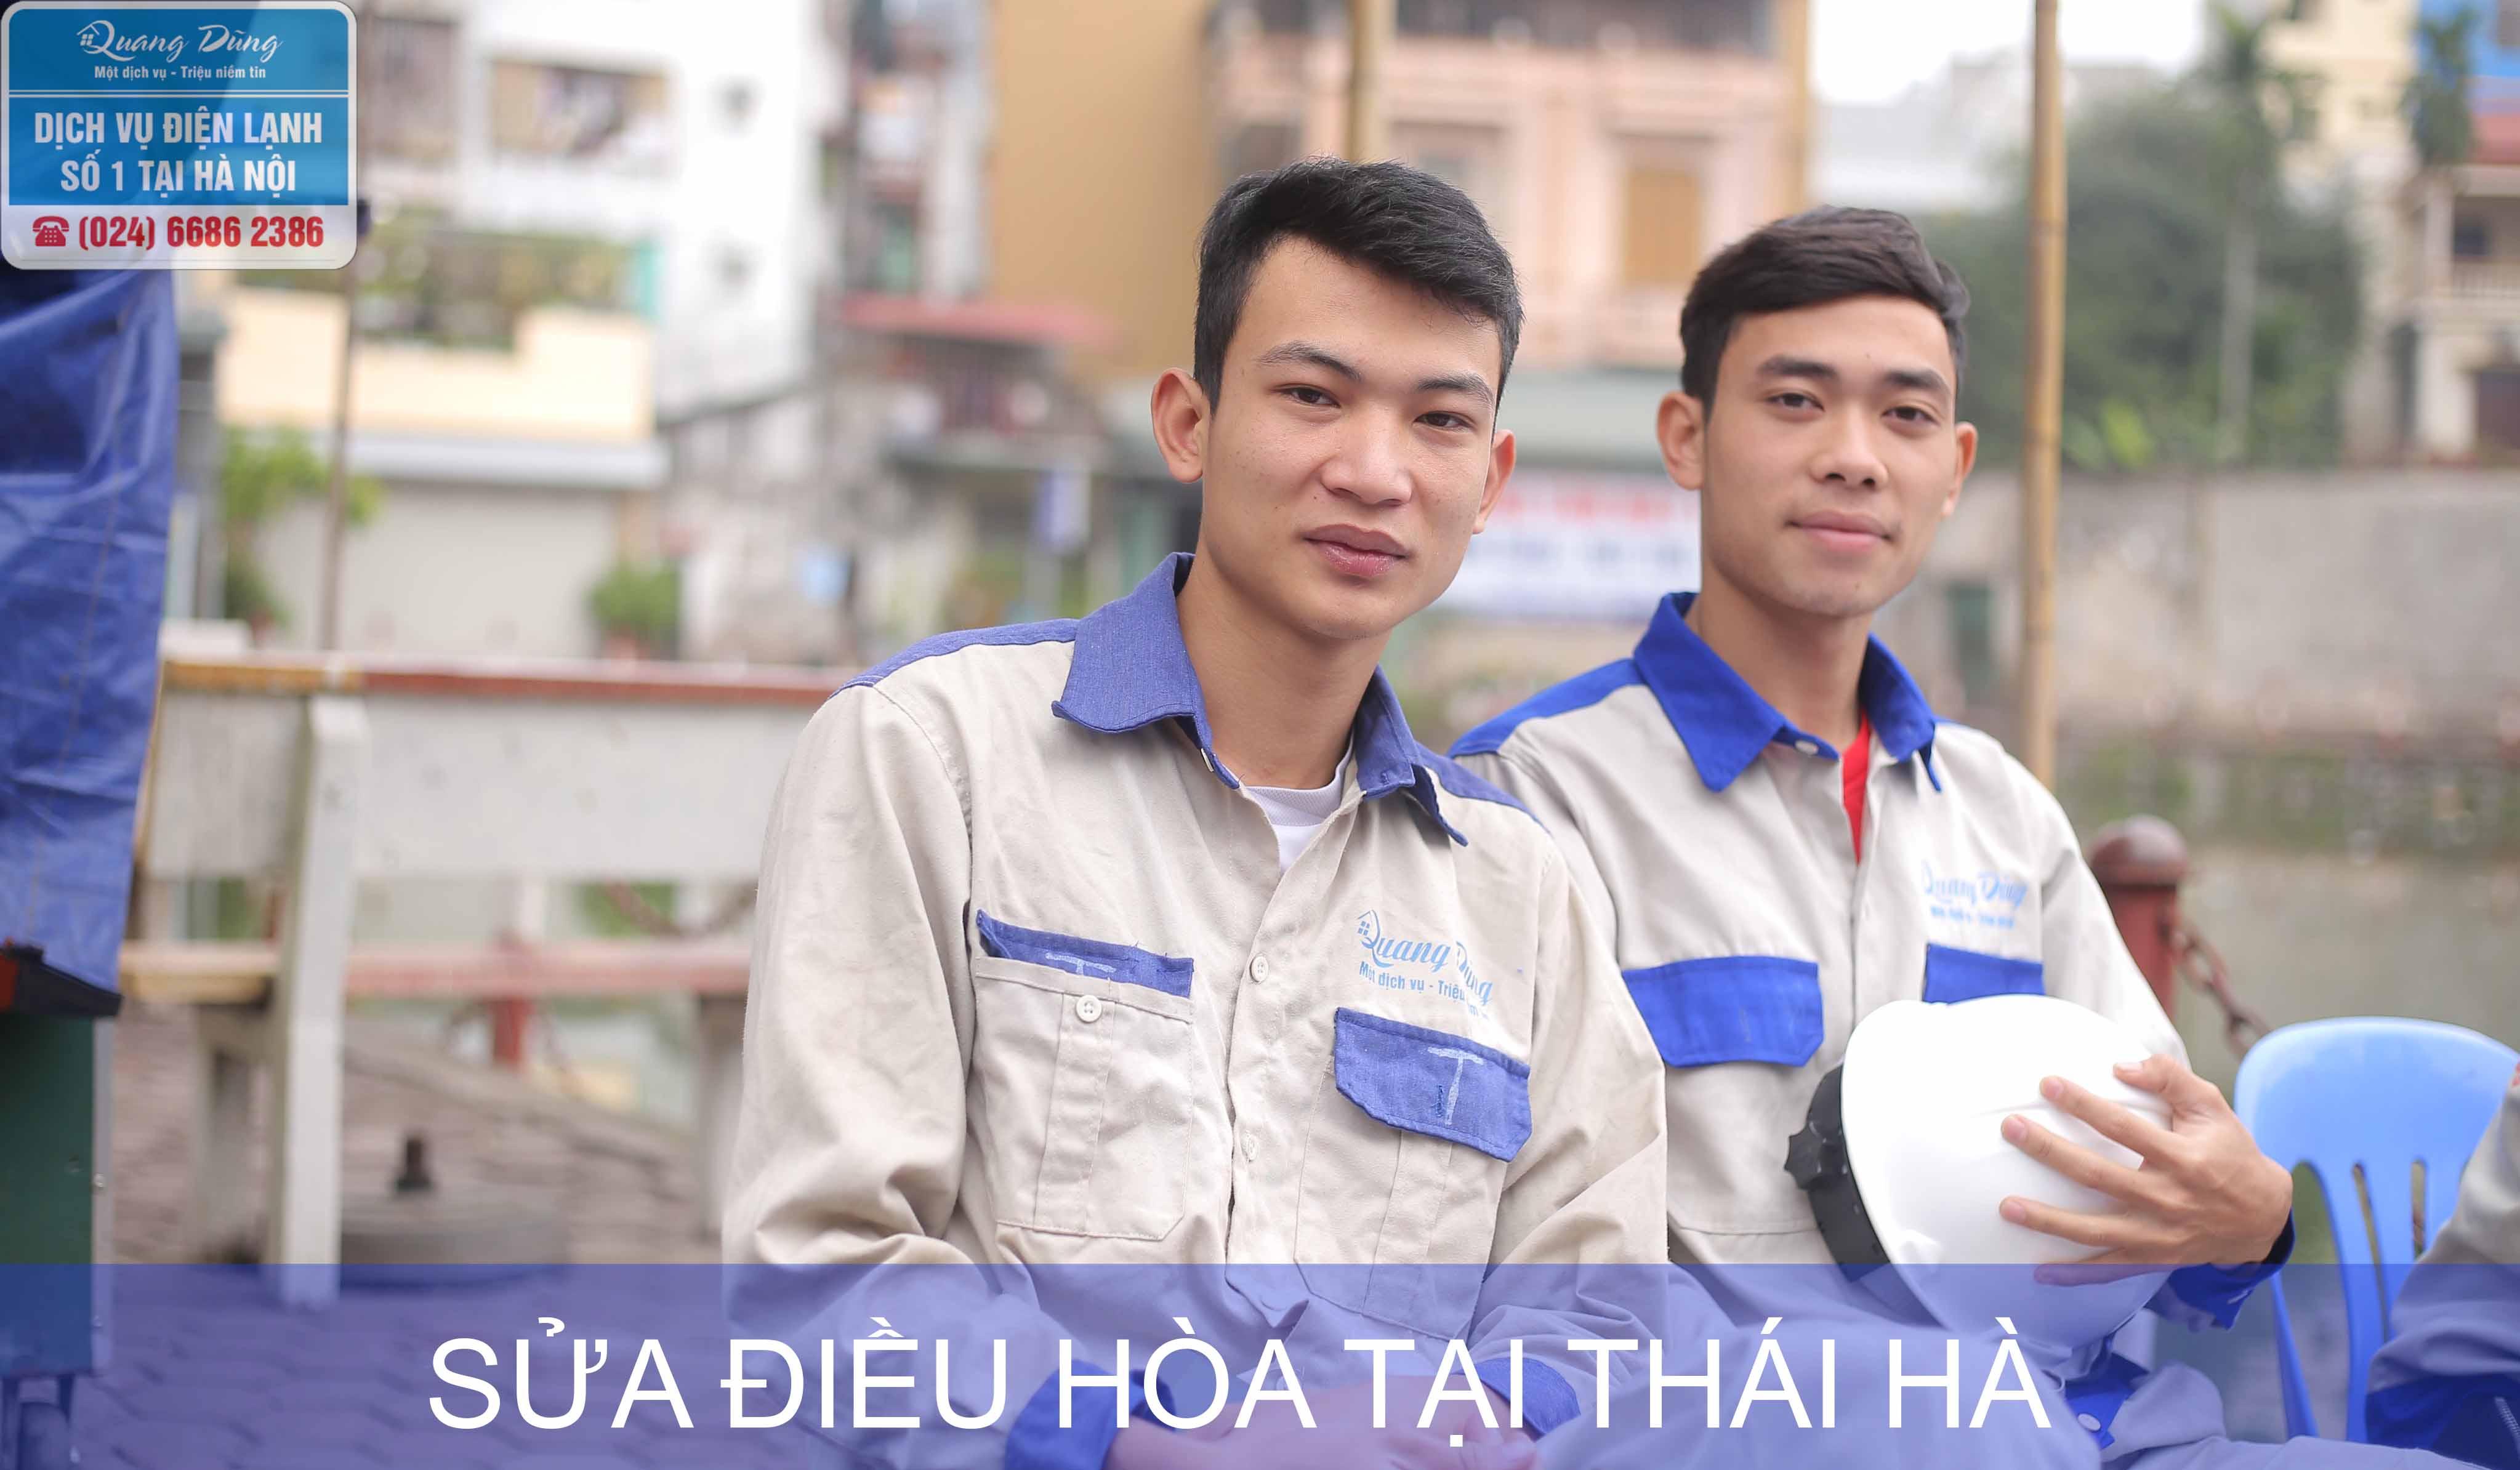 Sửa điều hoà tại Thái Hà